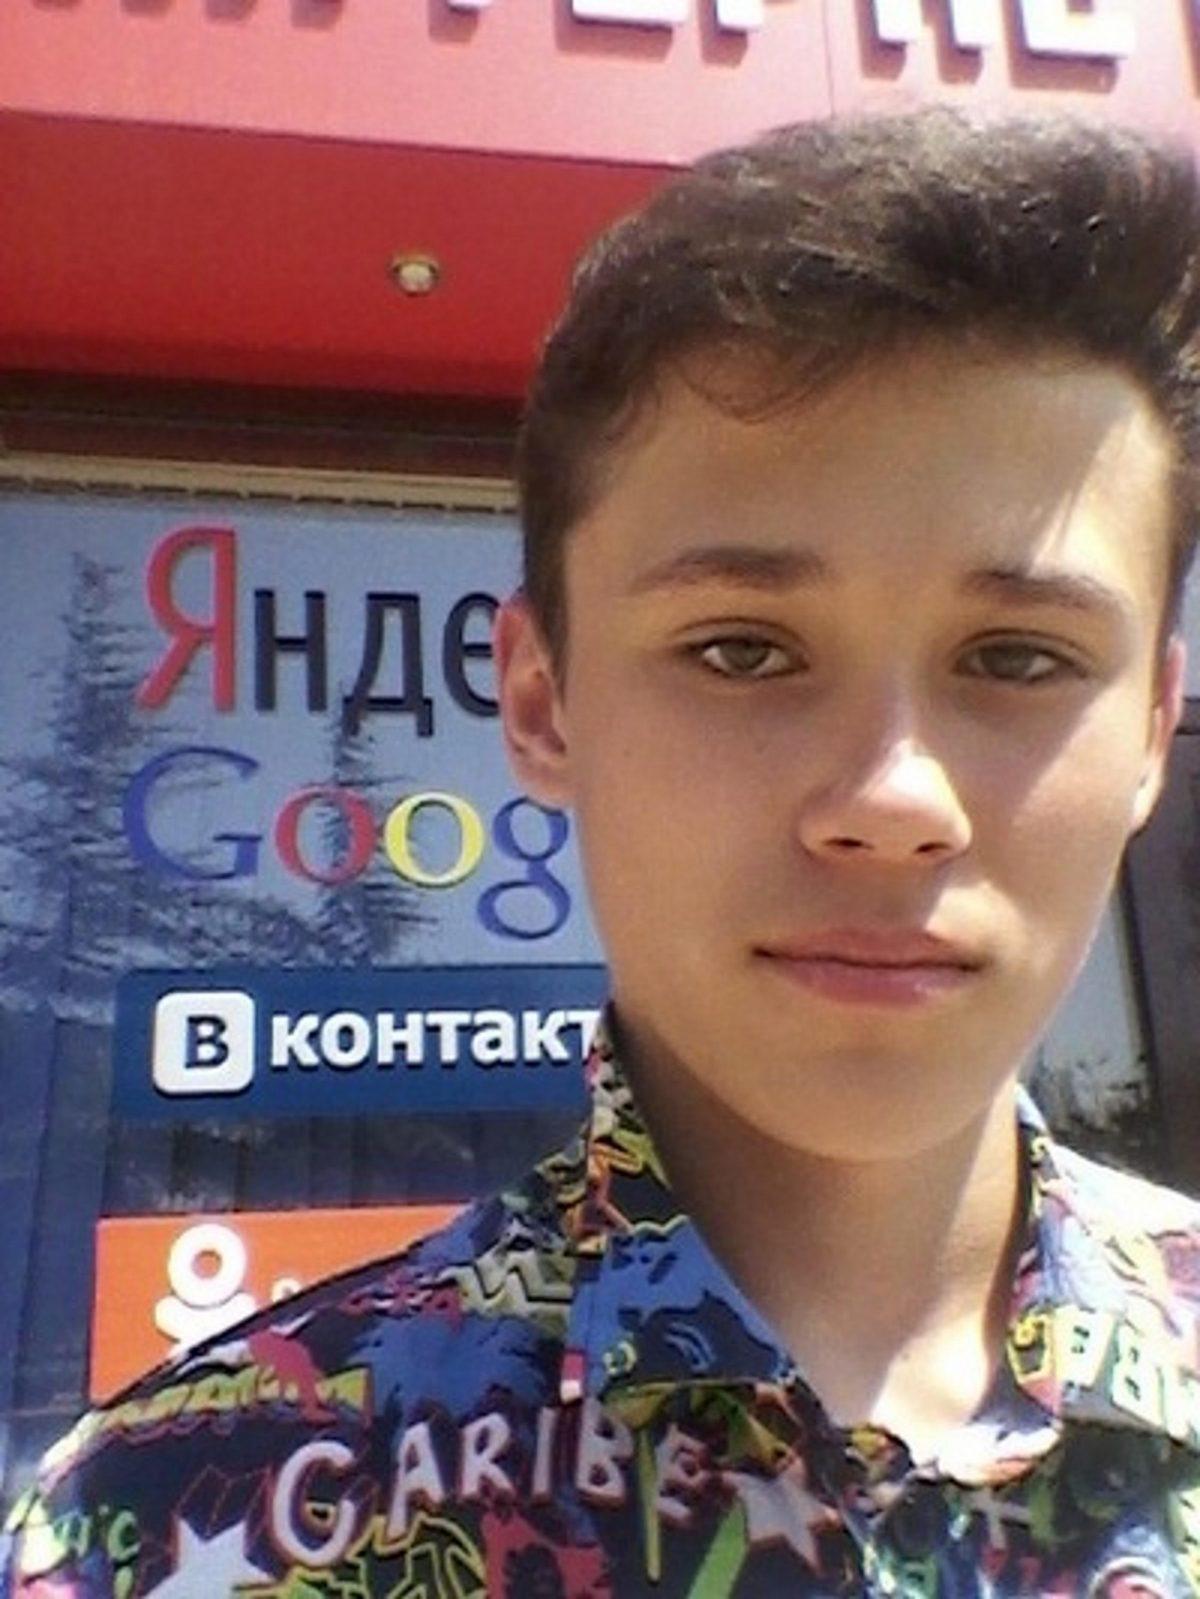 Nikita Nearonov